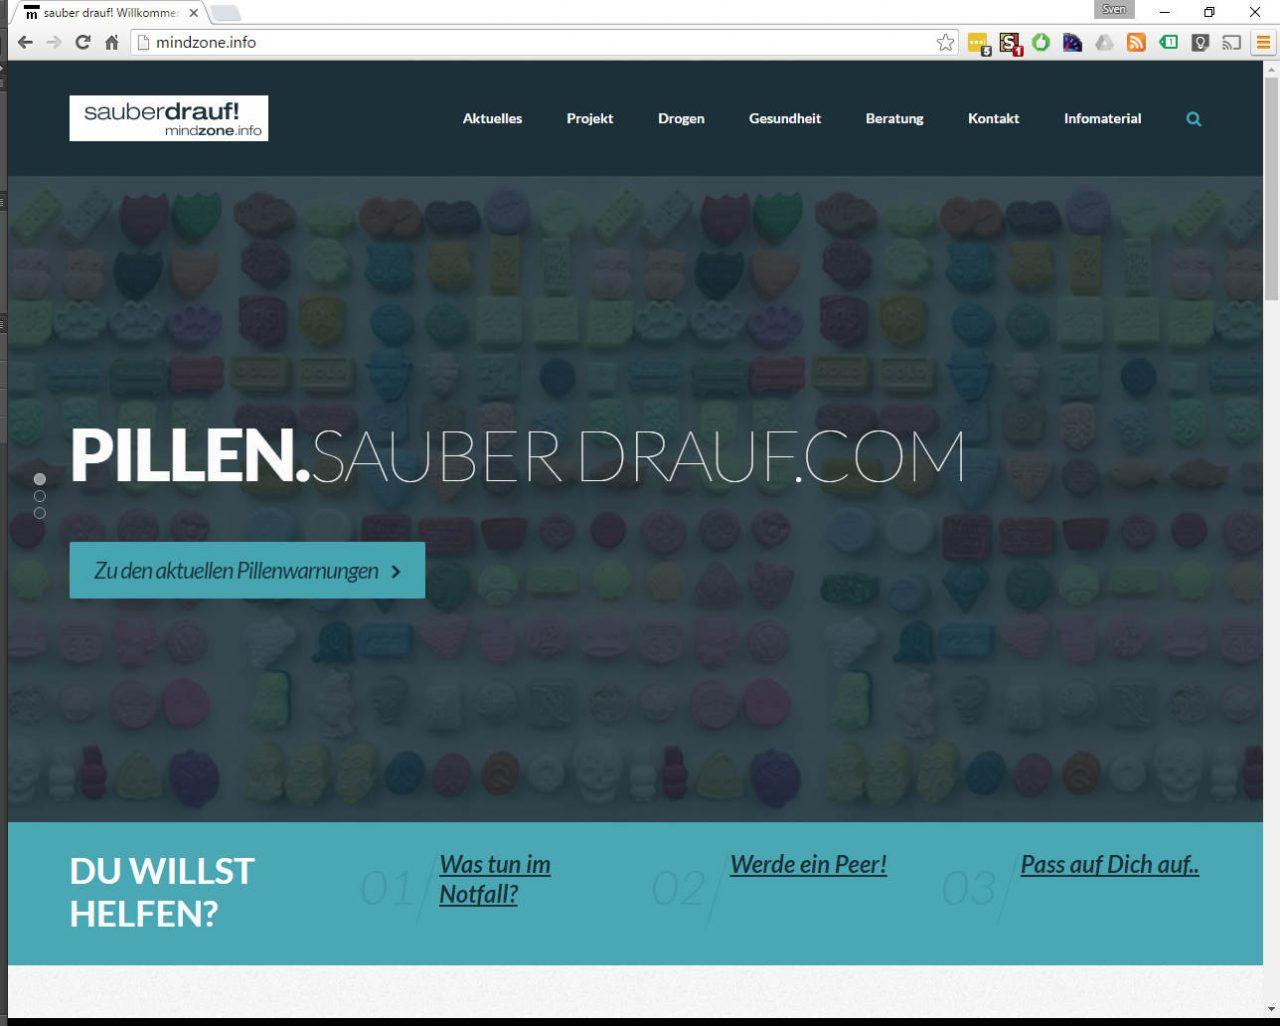 mindzone-website-ist-sauber-drauf-relaunch-20-sep-2016